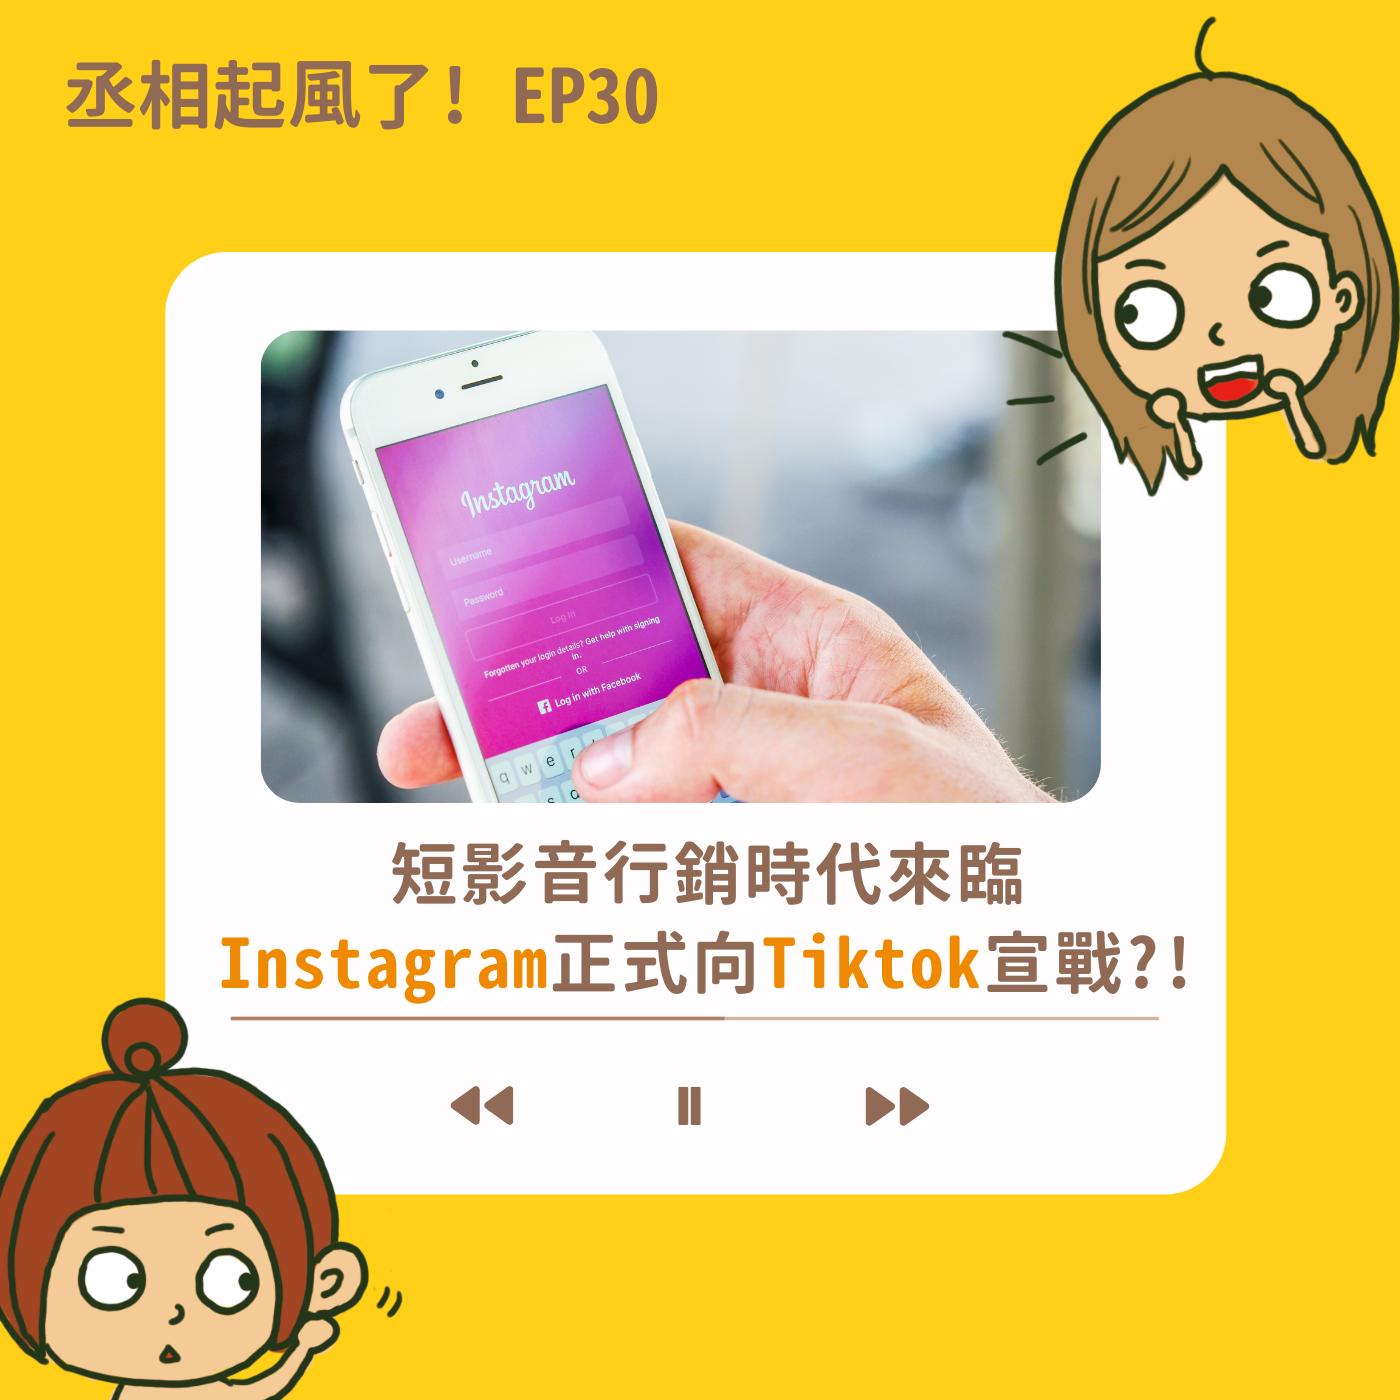 短影音行銷時代來臨? Instagram正式向Tiktok宣戰?!- EP 30